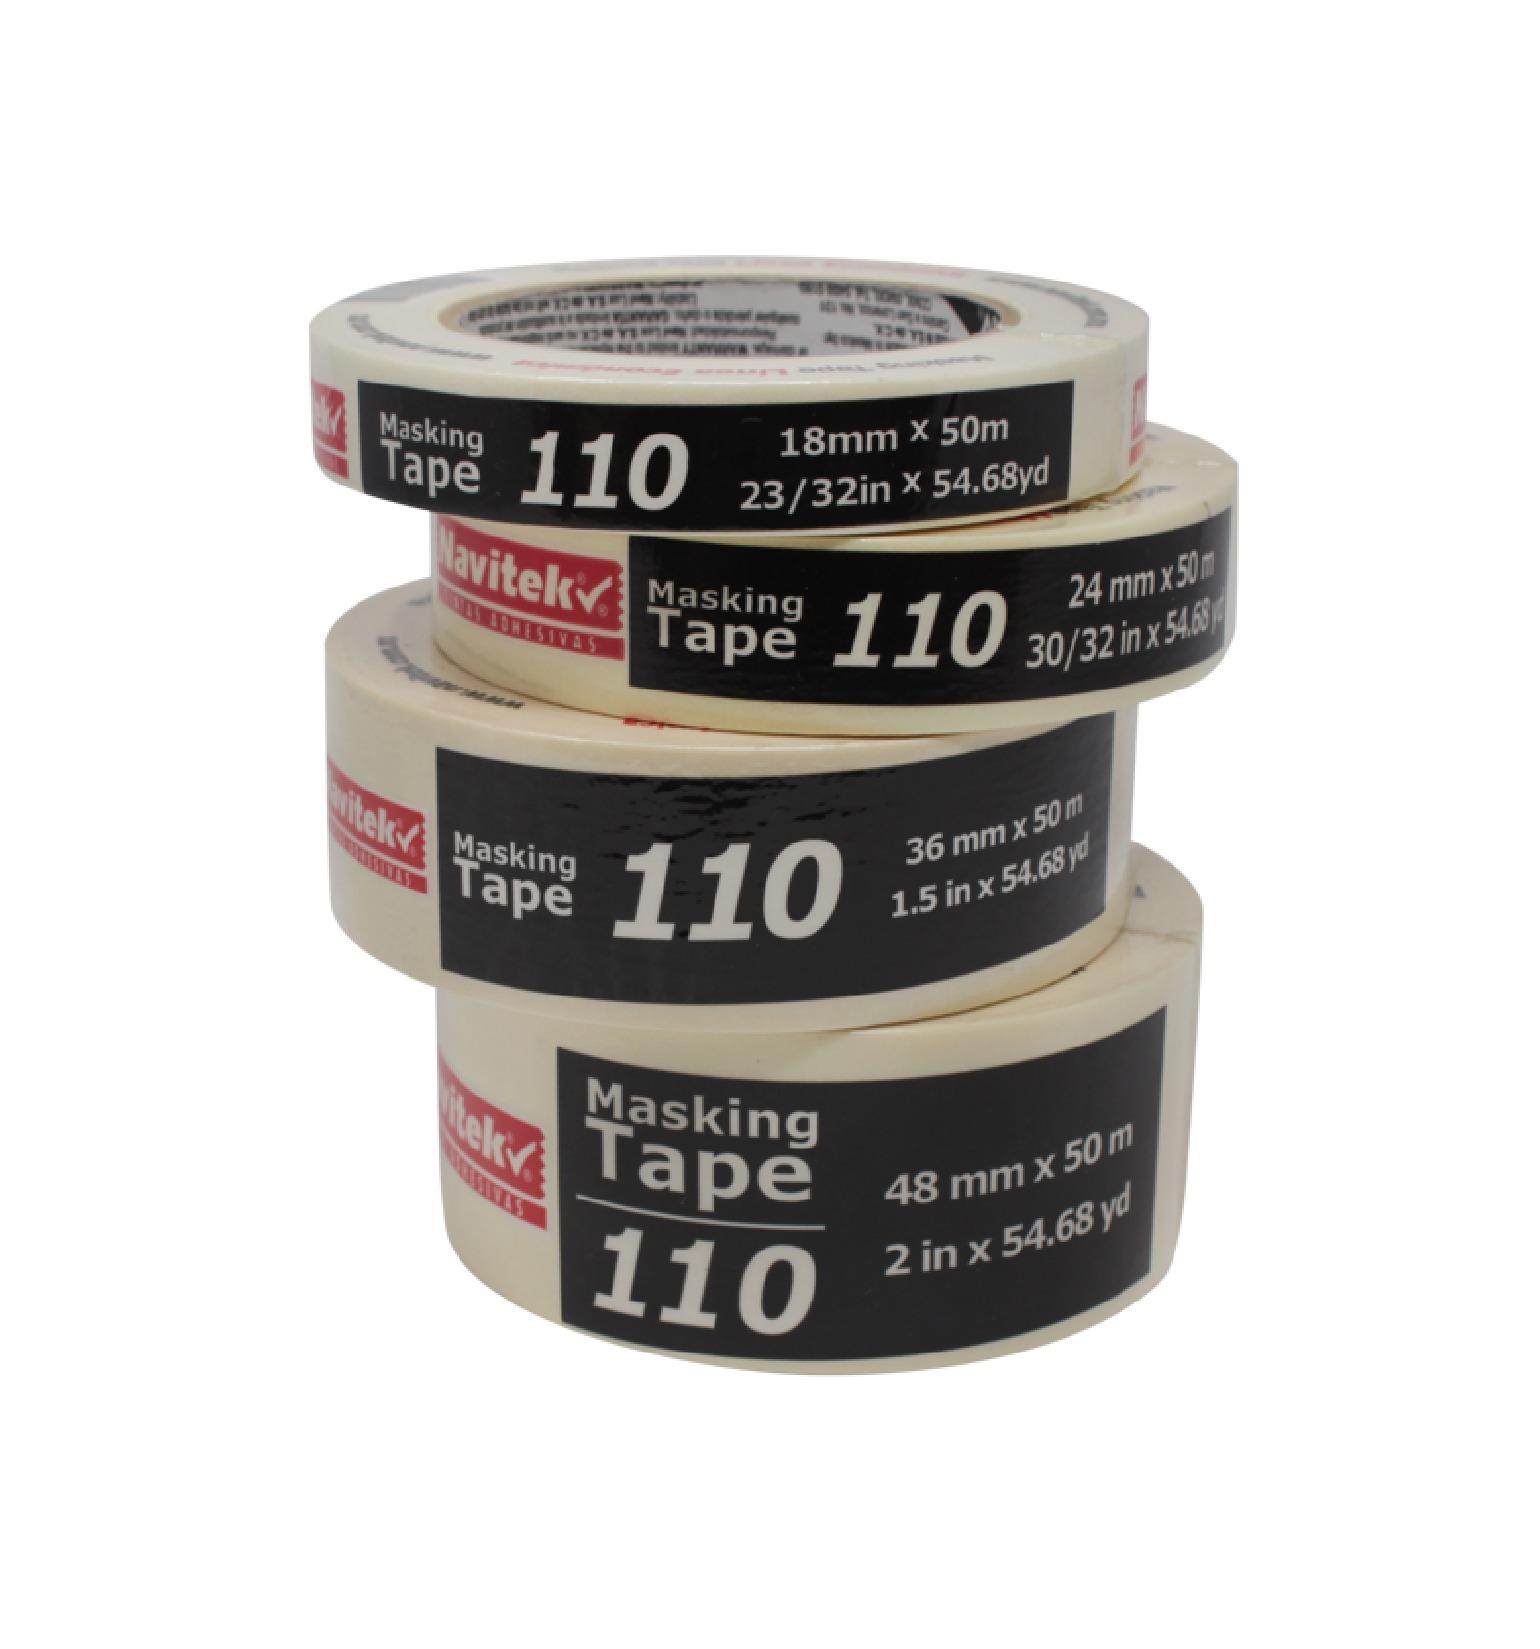 6. Masking Tape